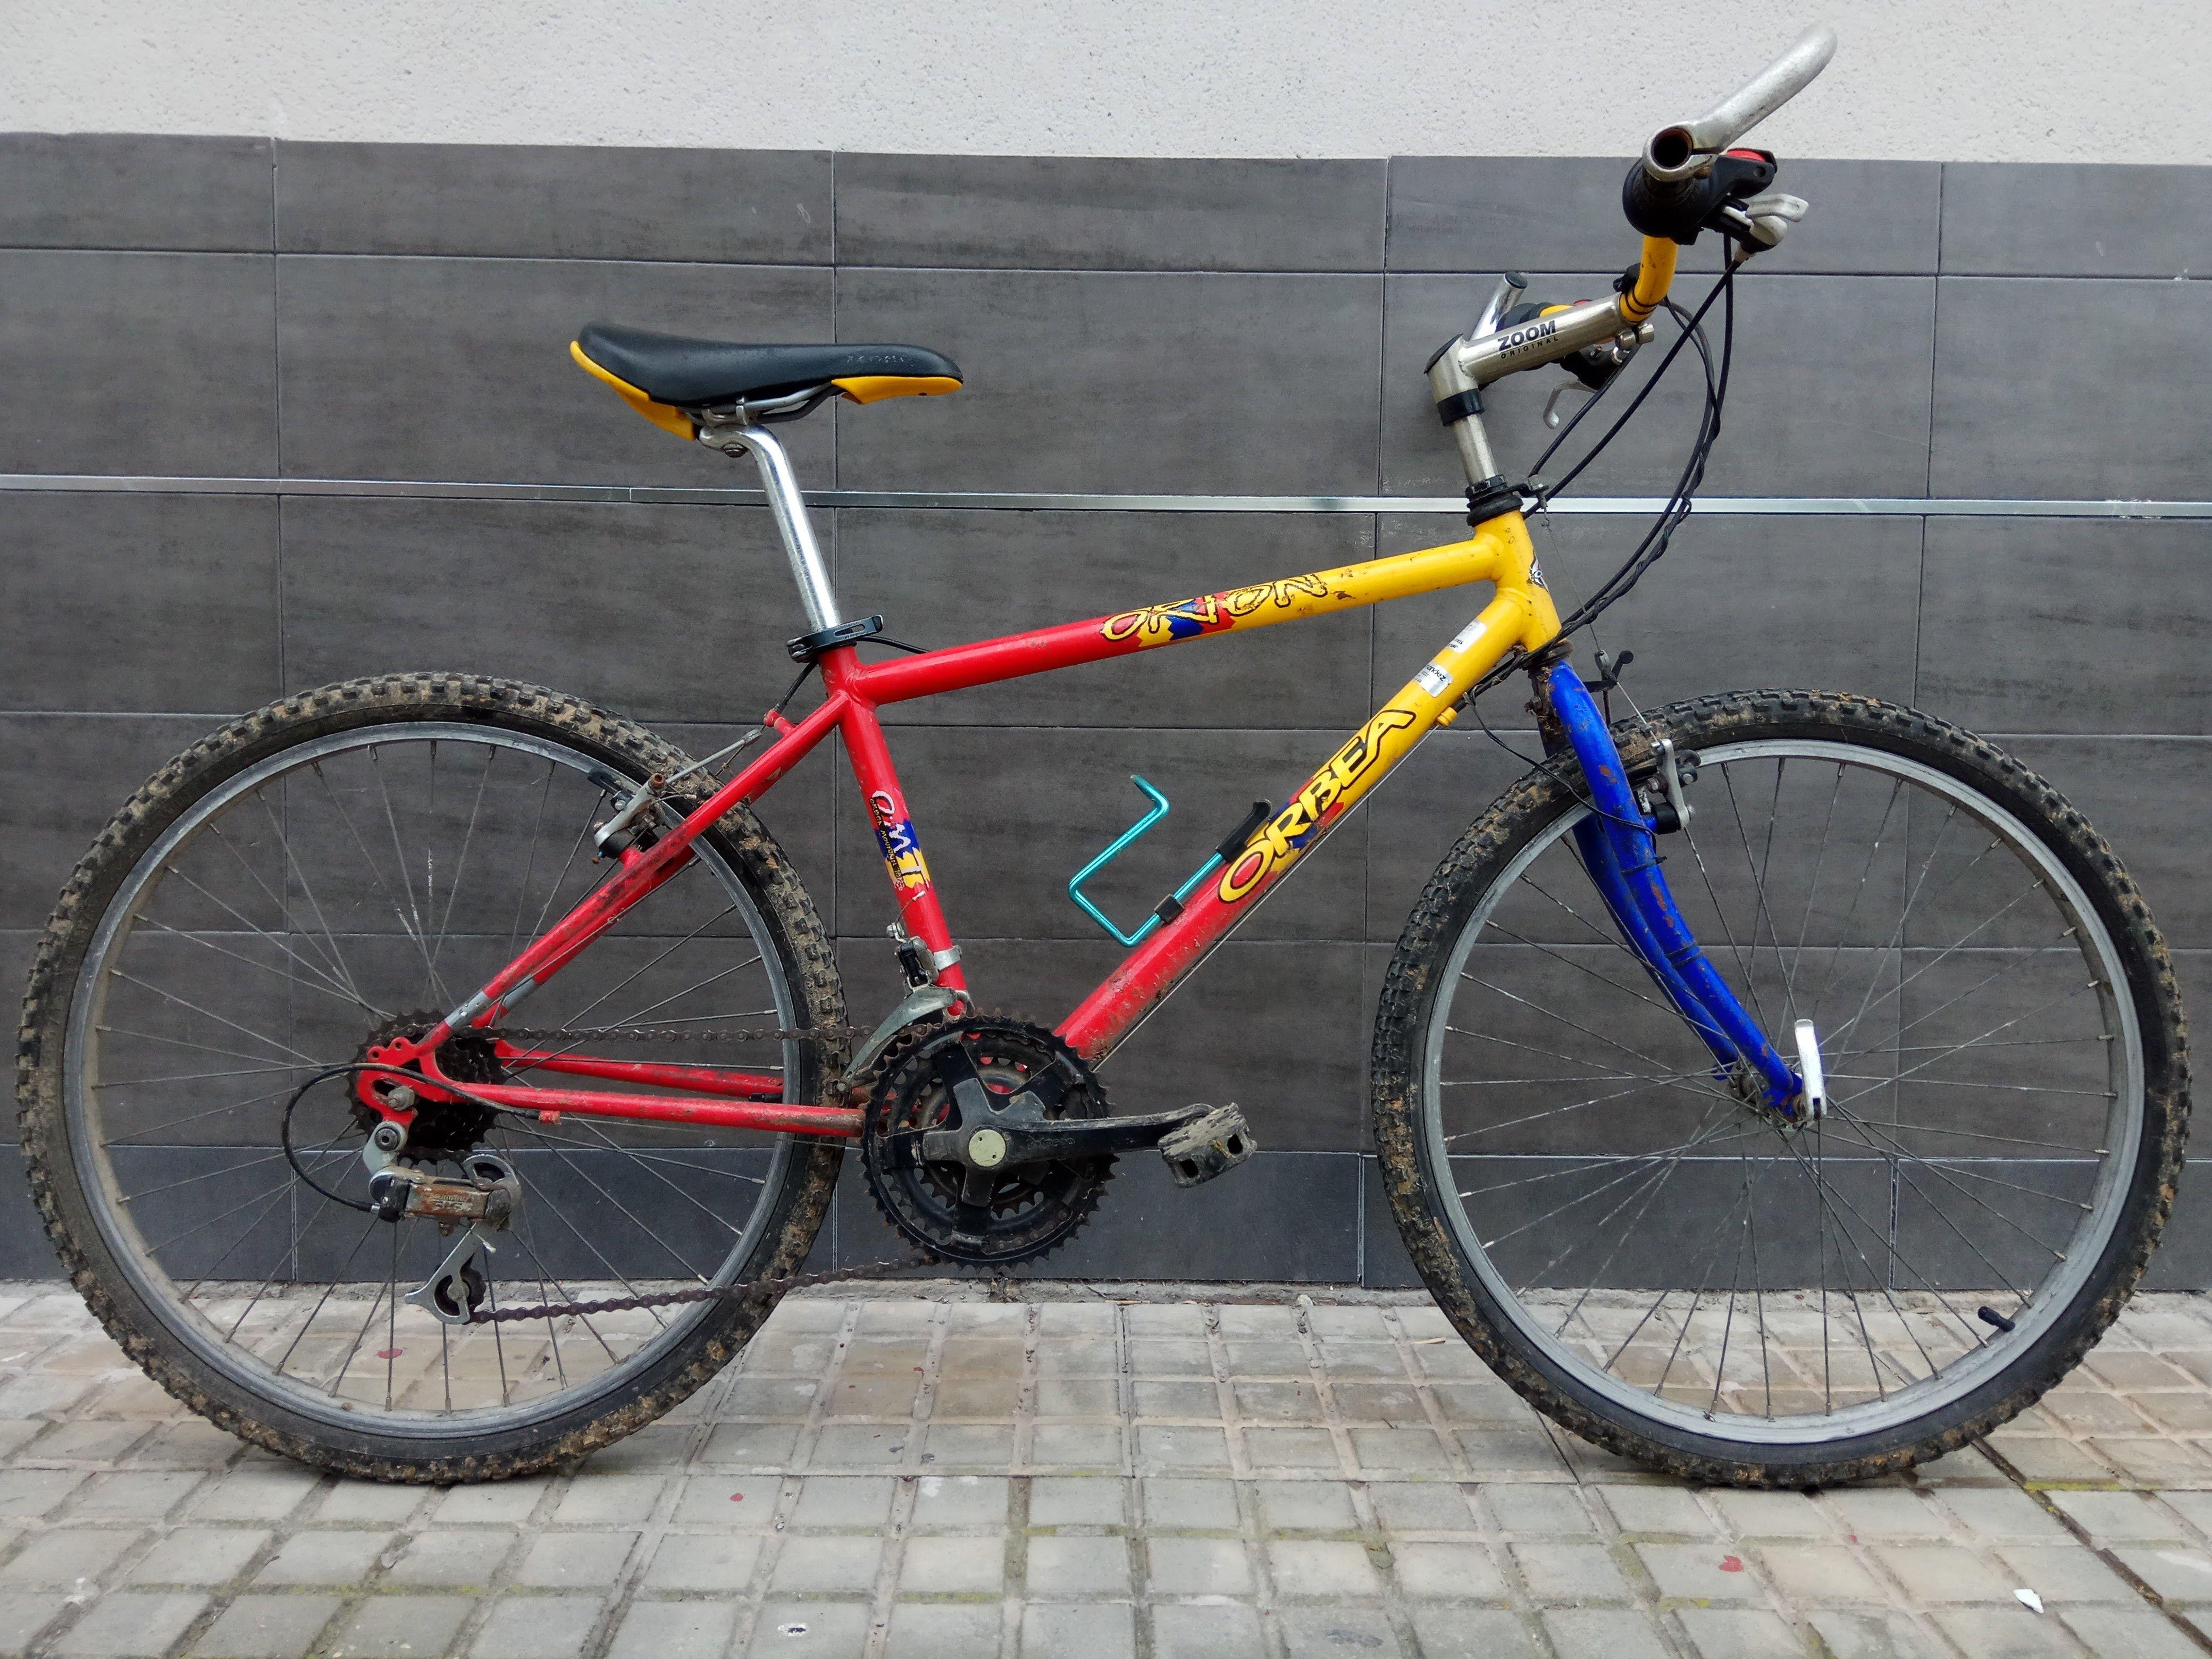 Bicicleta Orbea Orion 50€ MARCA: Orbea MODELO: Orion CLASE: Montaña ...